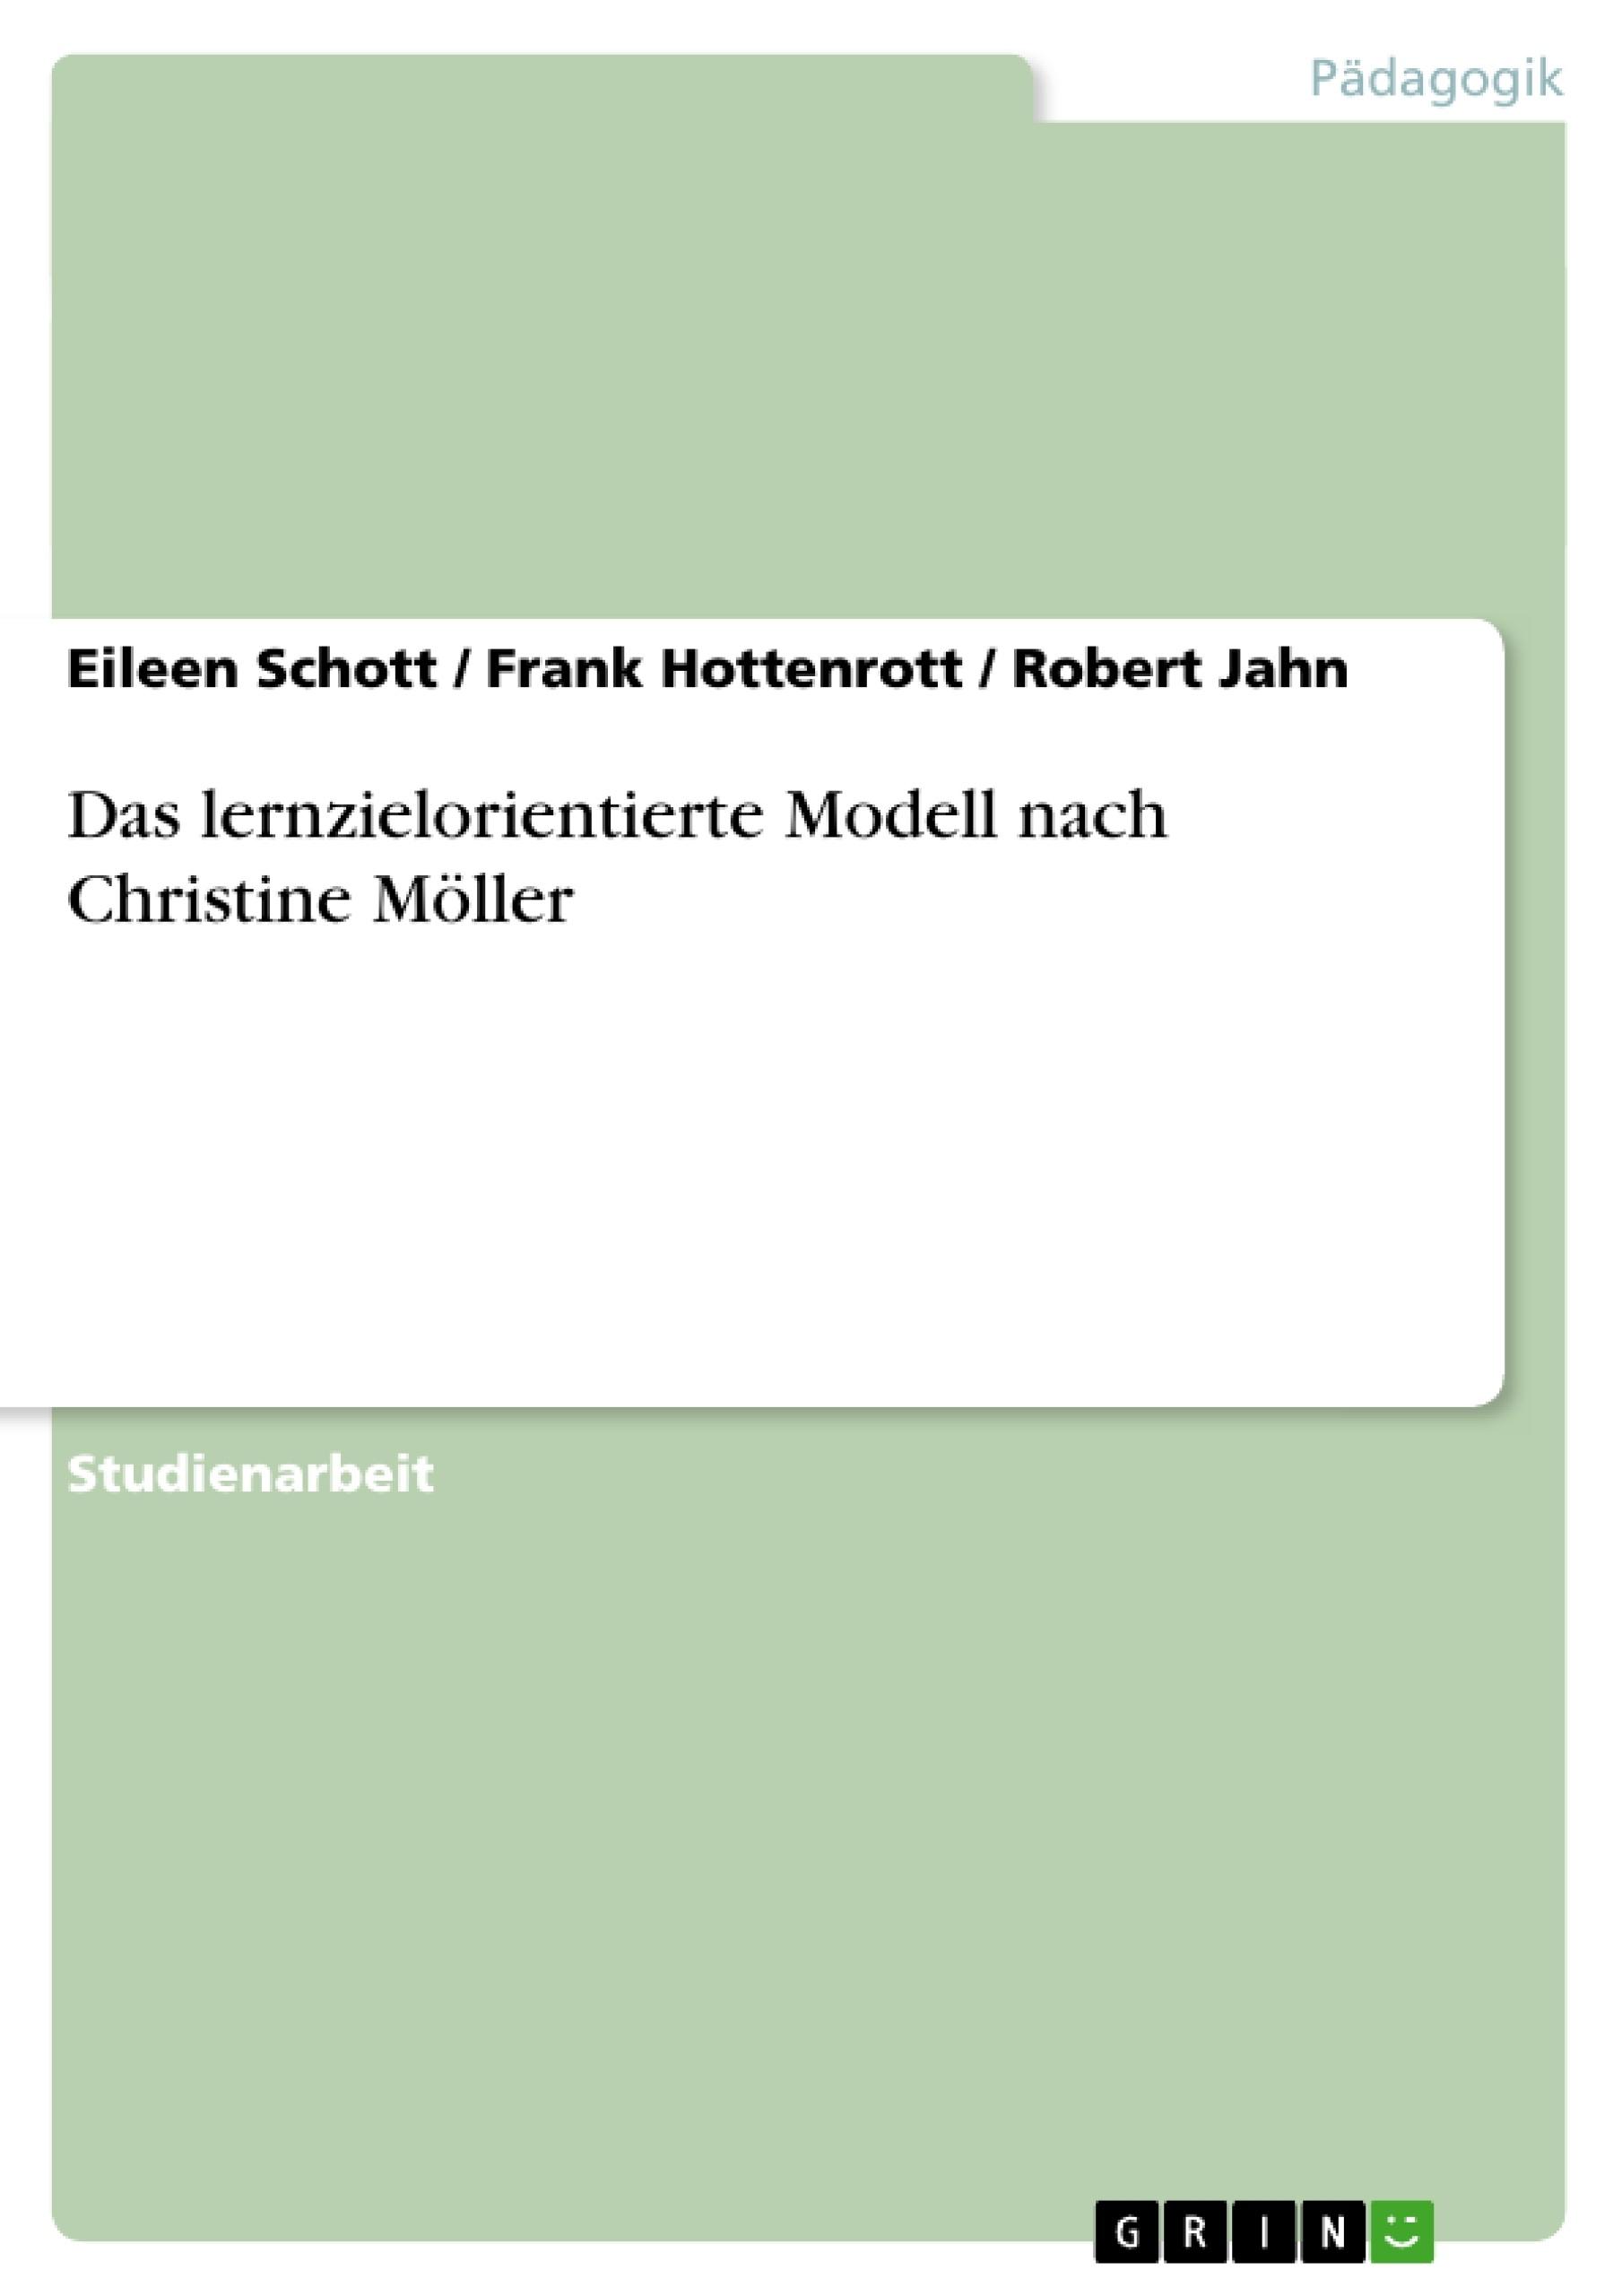 Titel: Das lernzielorientierte Modell nach Christine Möller